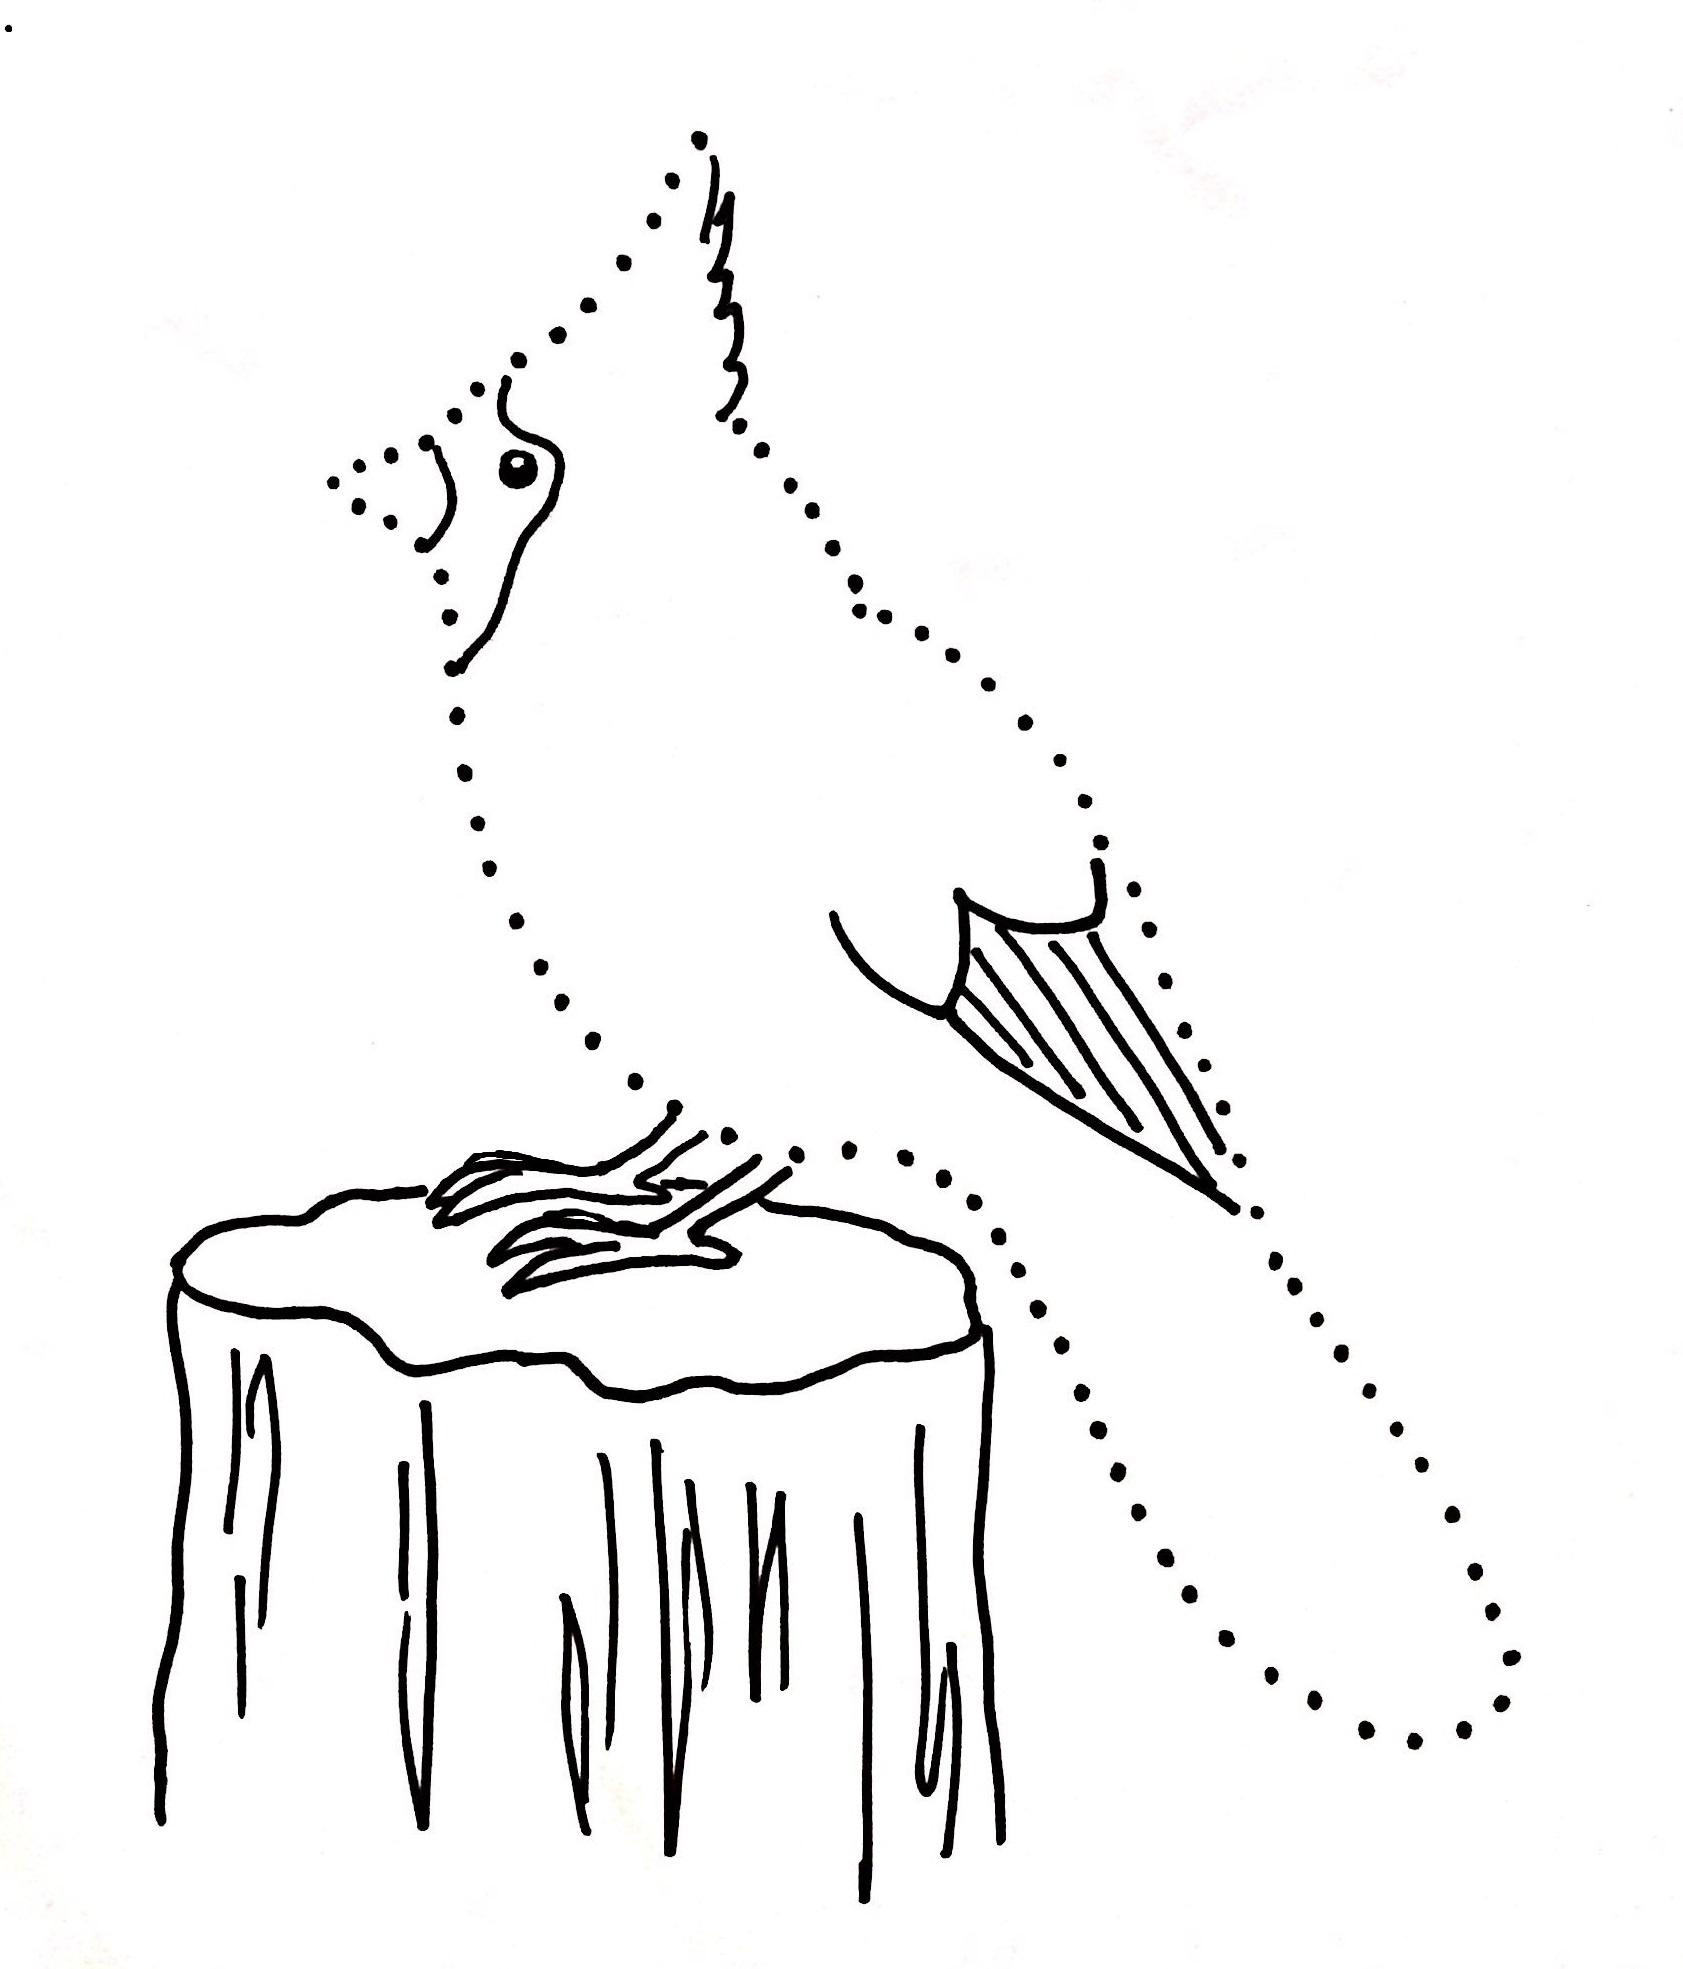 dot drawings samantha bell